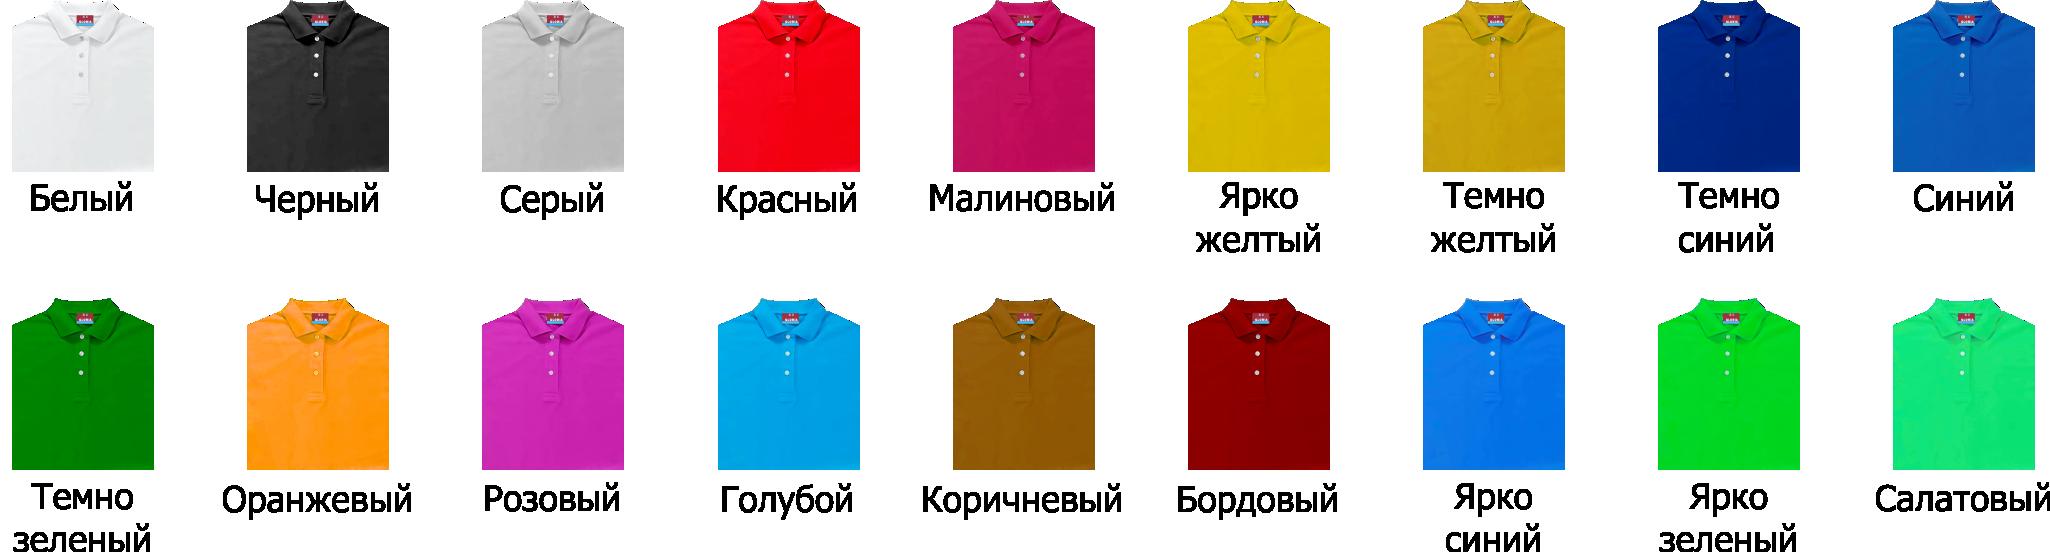 Поло на заказ разных моделей и цветов